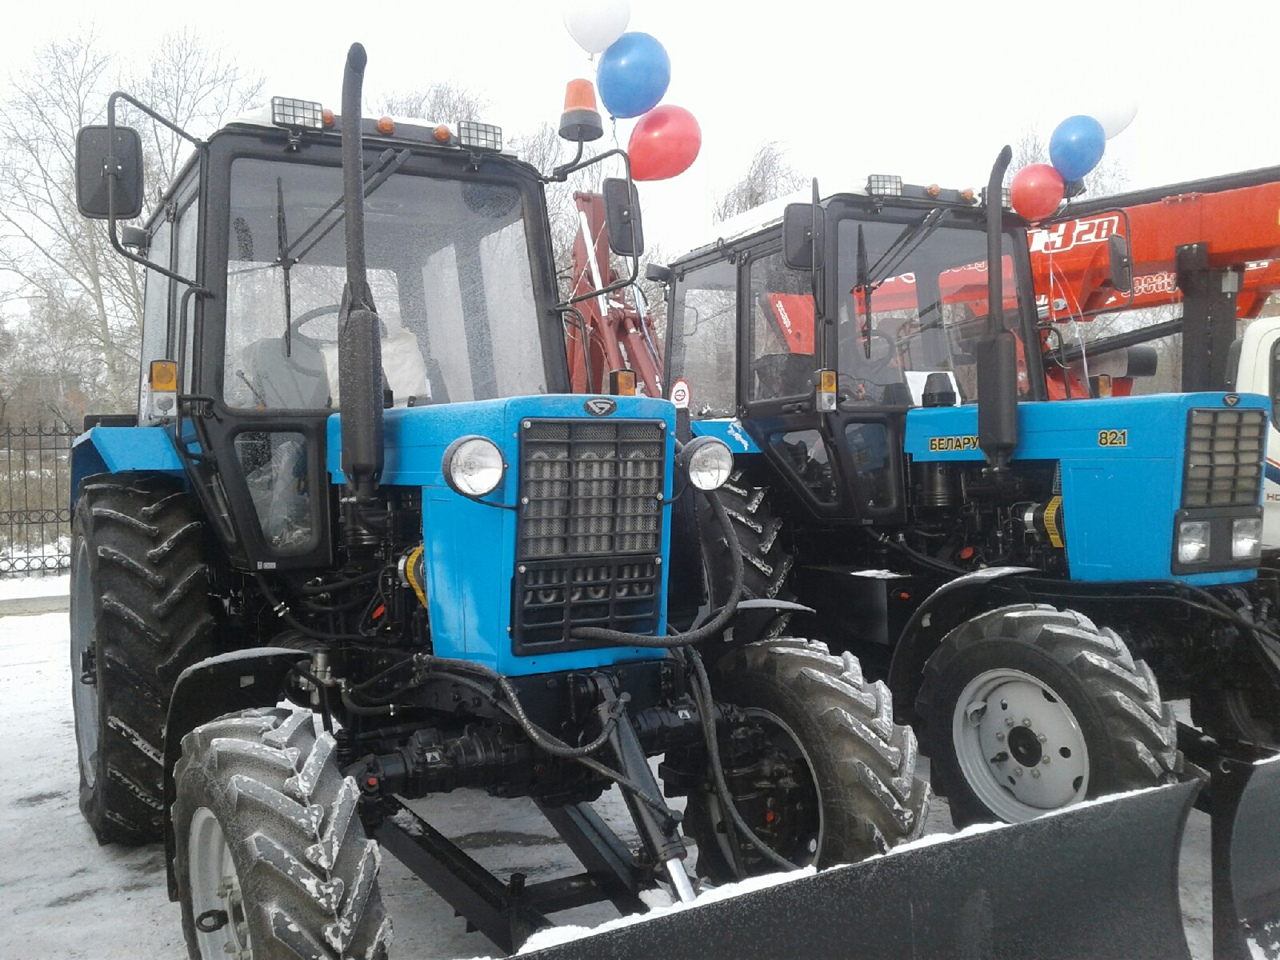 Омская семья выставила на продажу трактор и пожалела об этом #Омск #Общество #Сегодня